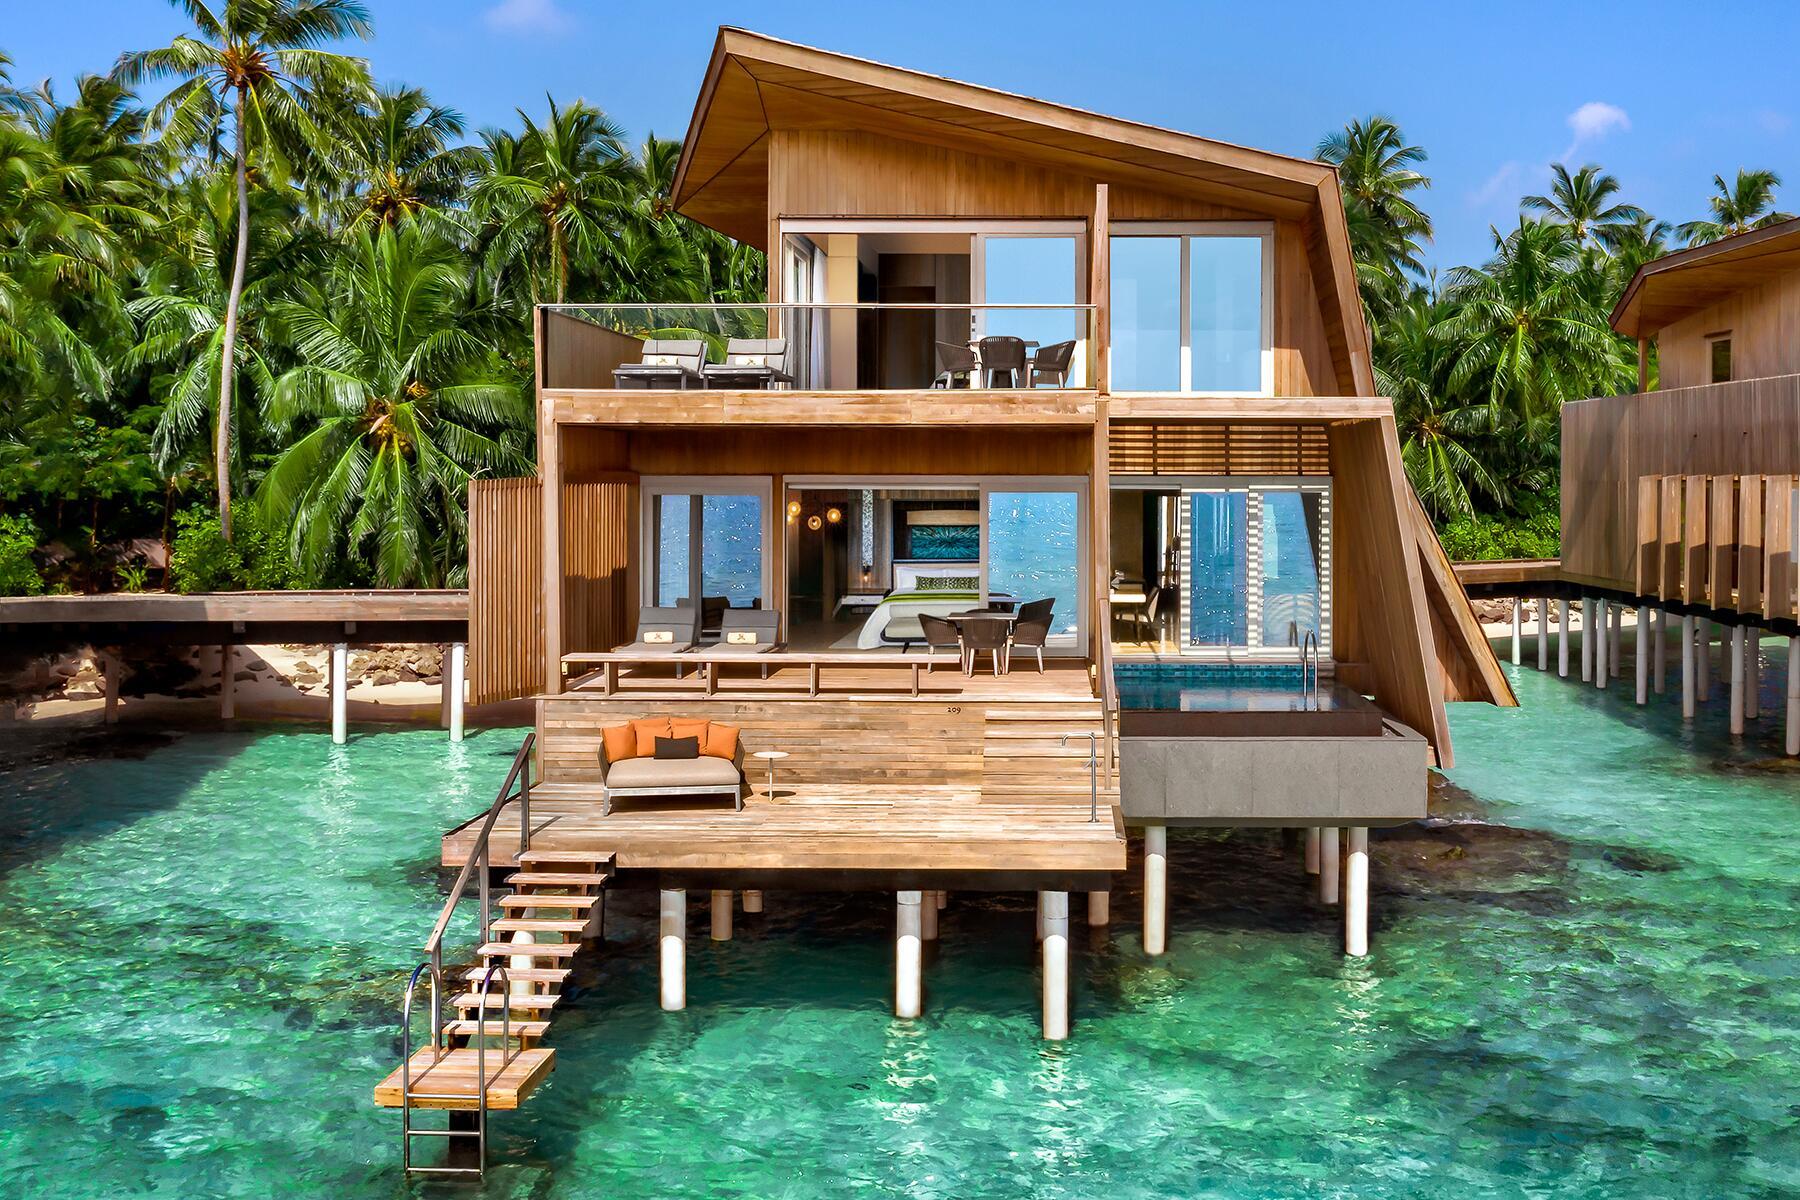 06_RentEntireVillaInnBnb__StRegisMaldivesVommuliResort_6 St_Regis_Maldives_19V2